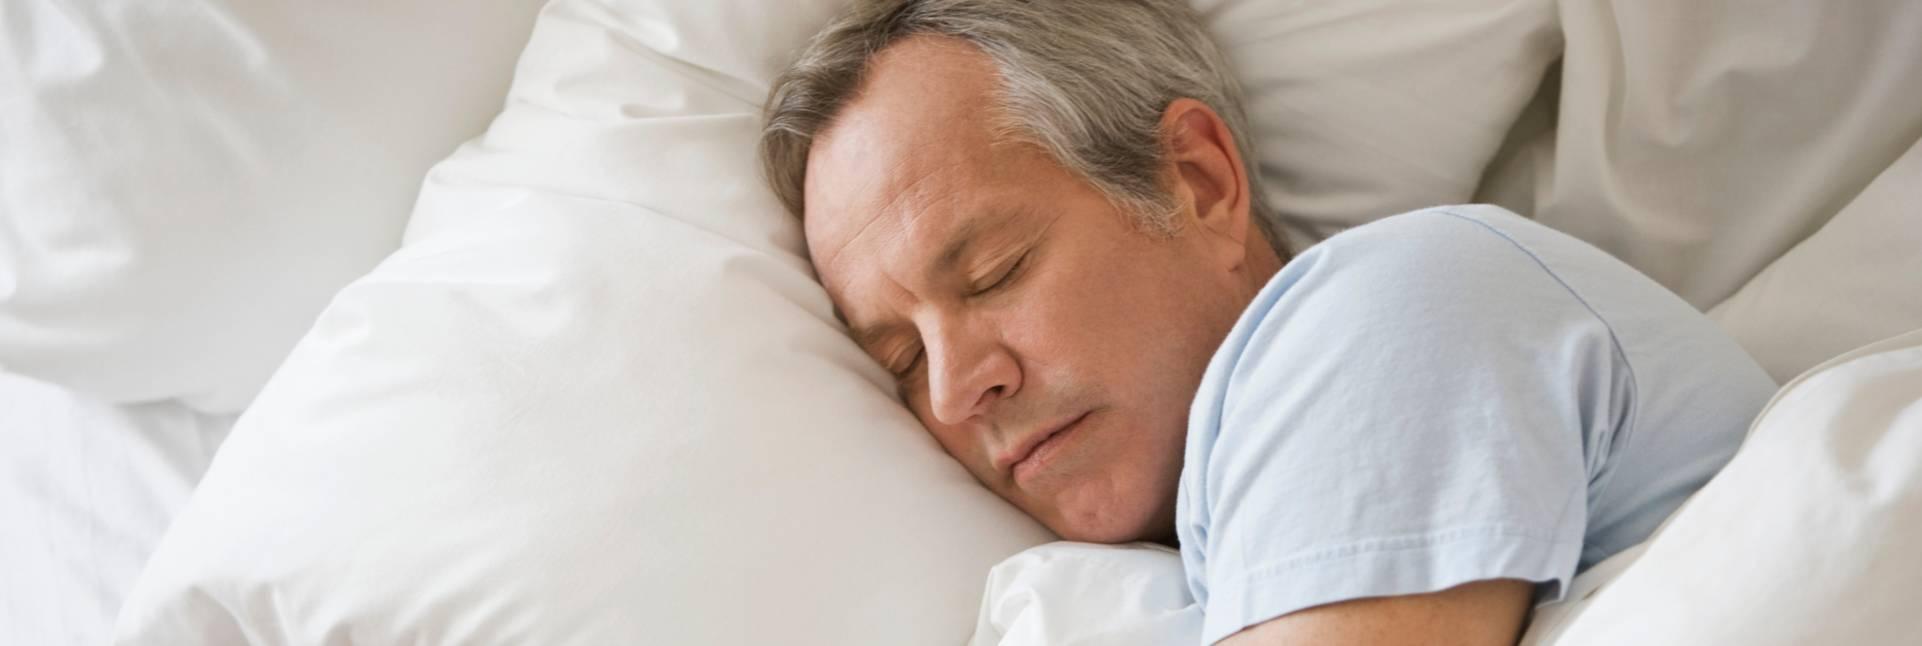 Insomnio y depresión: cómo la falta de sueño puede afectar al estado de ánimo